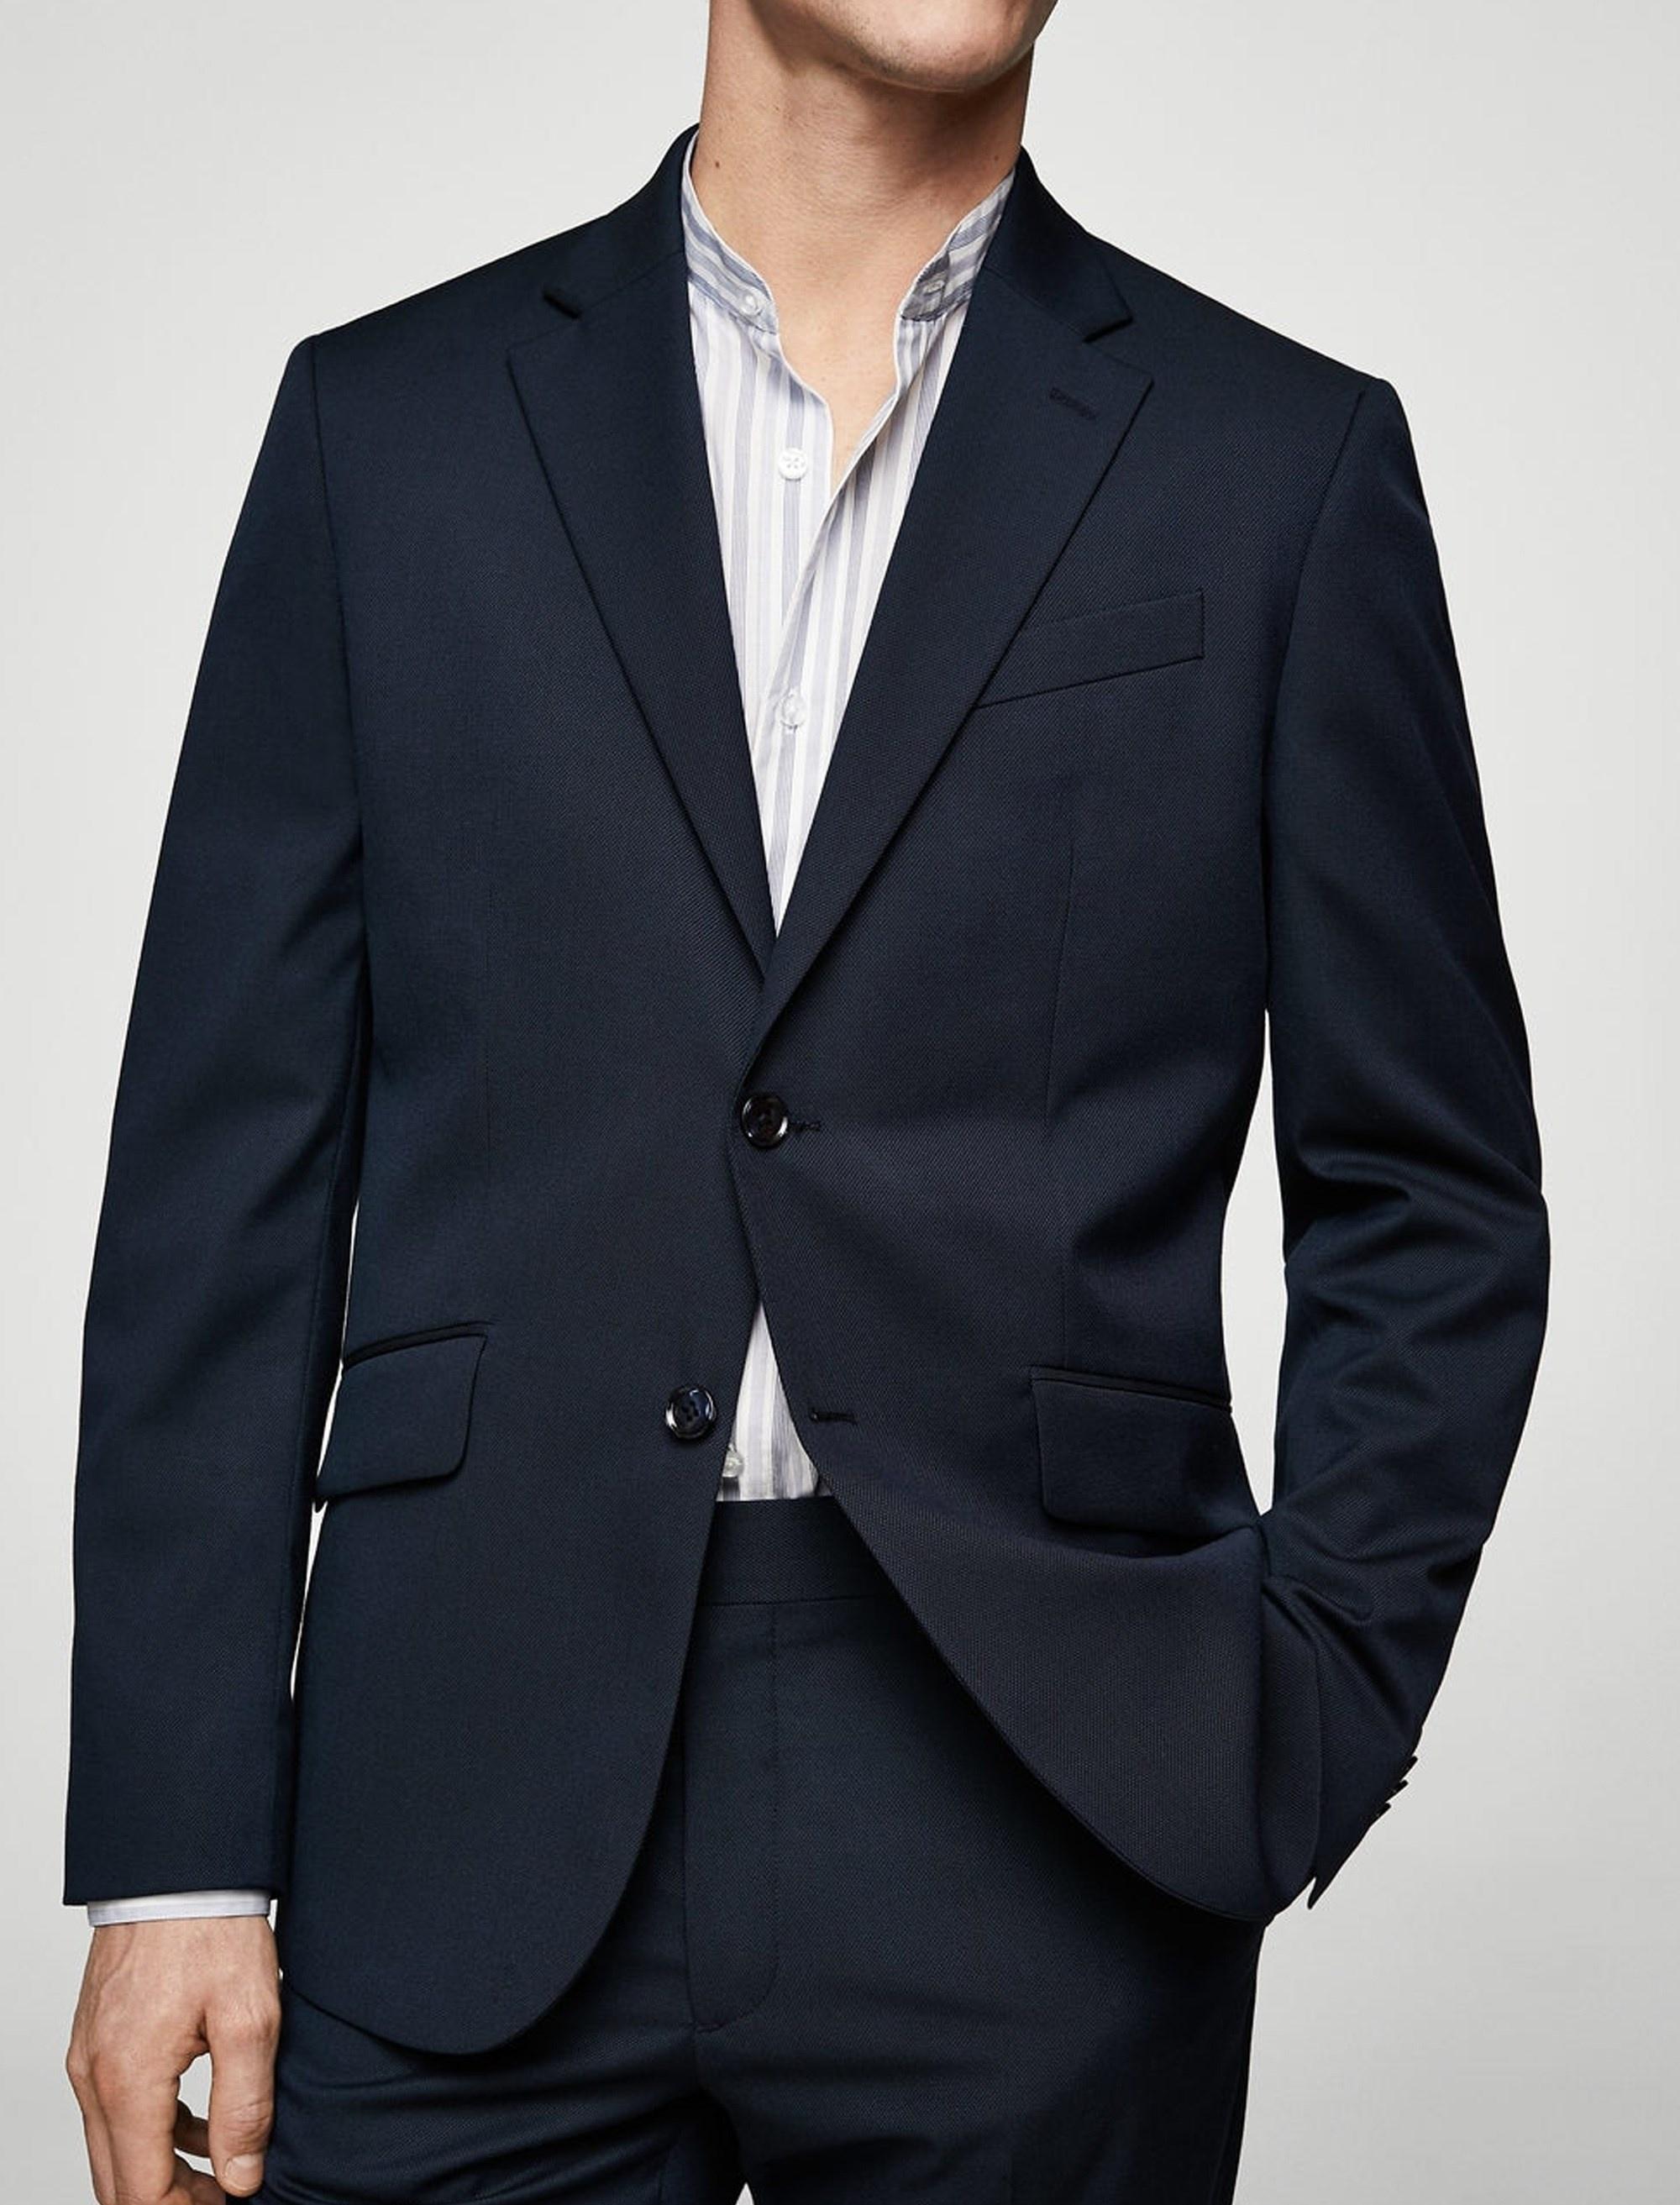 کت تک رسمی مردانه - مانگو - سرمه اي - 2